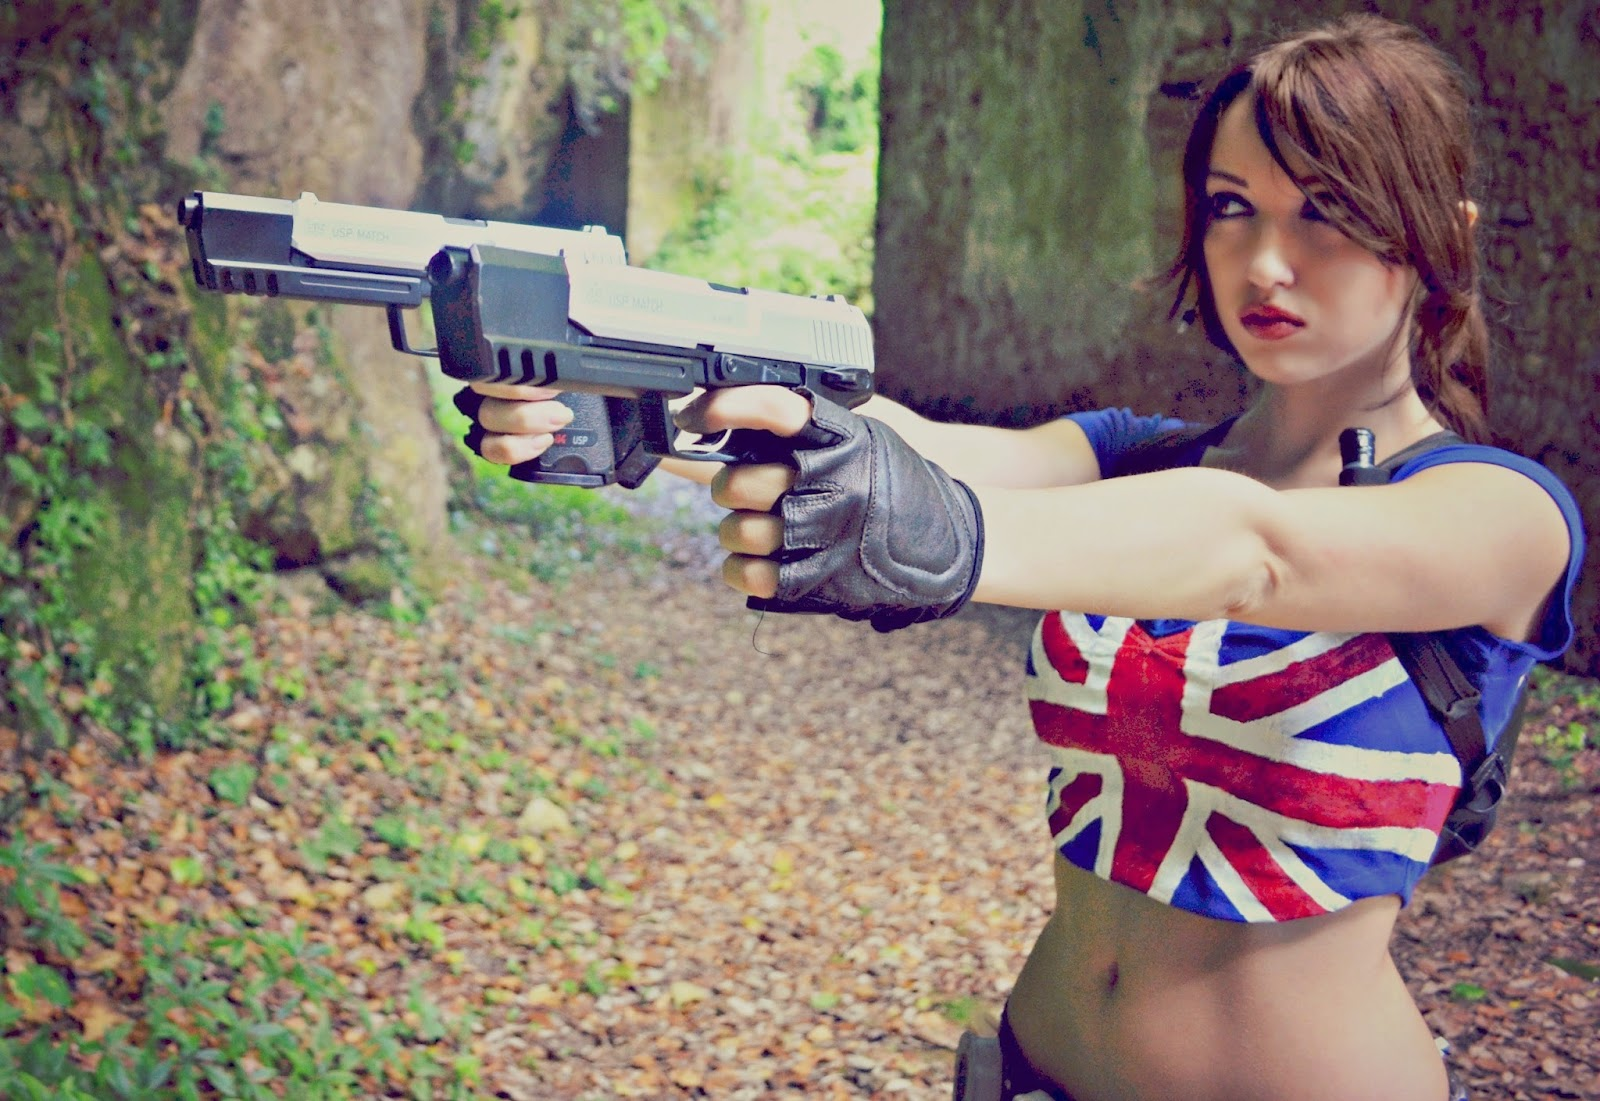 Lara Croft cosplay girls with guns guns women wallpaper 043101 jpg 1600x1101